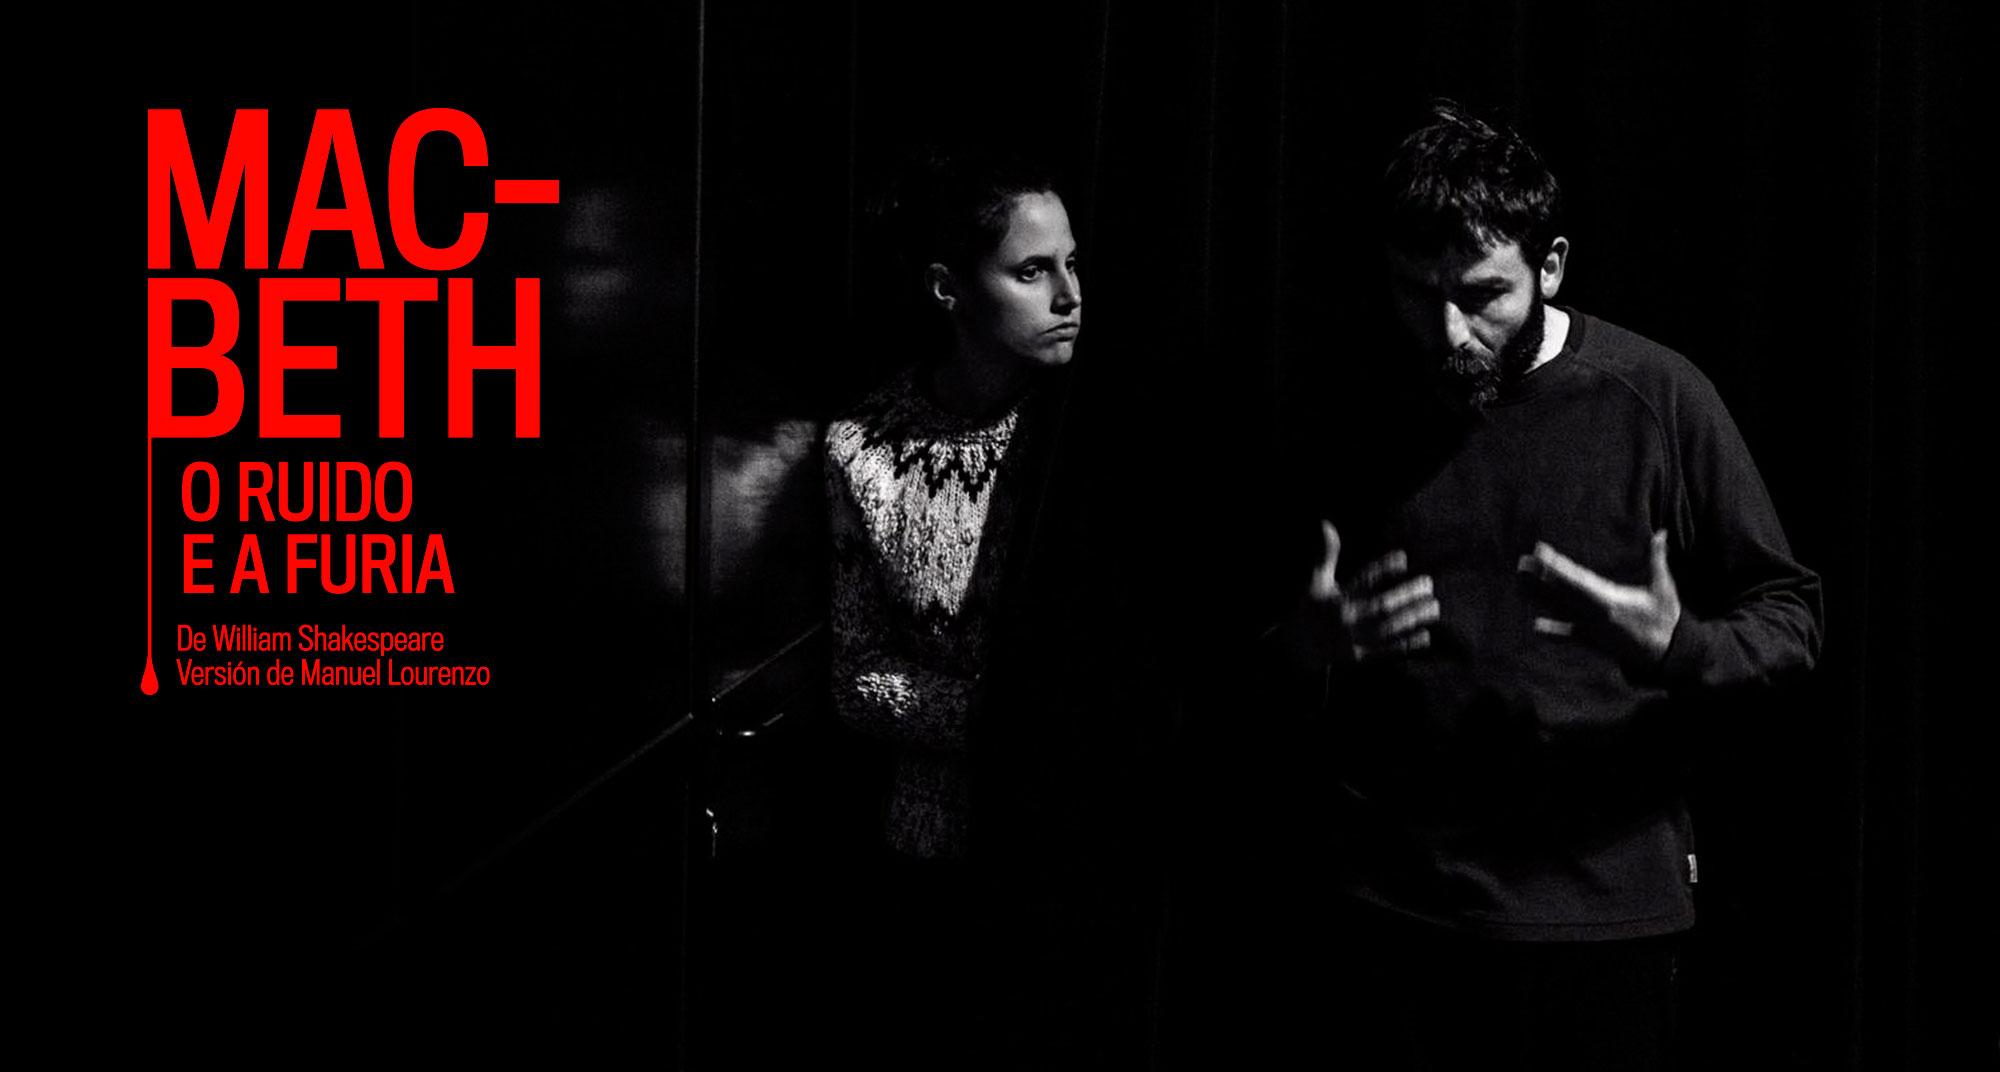 Gráfica promocional de Macbeth en gallego